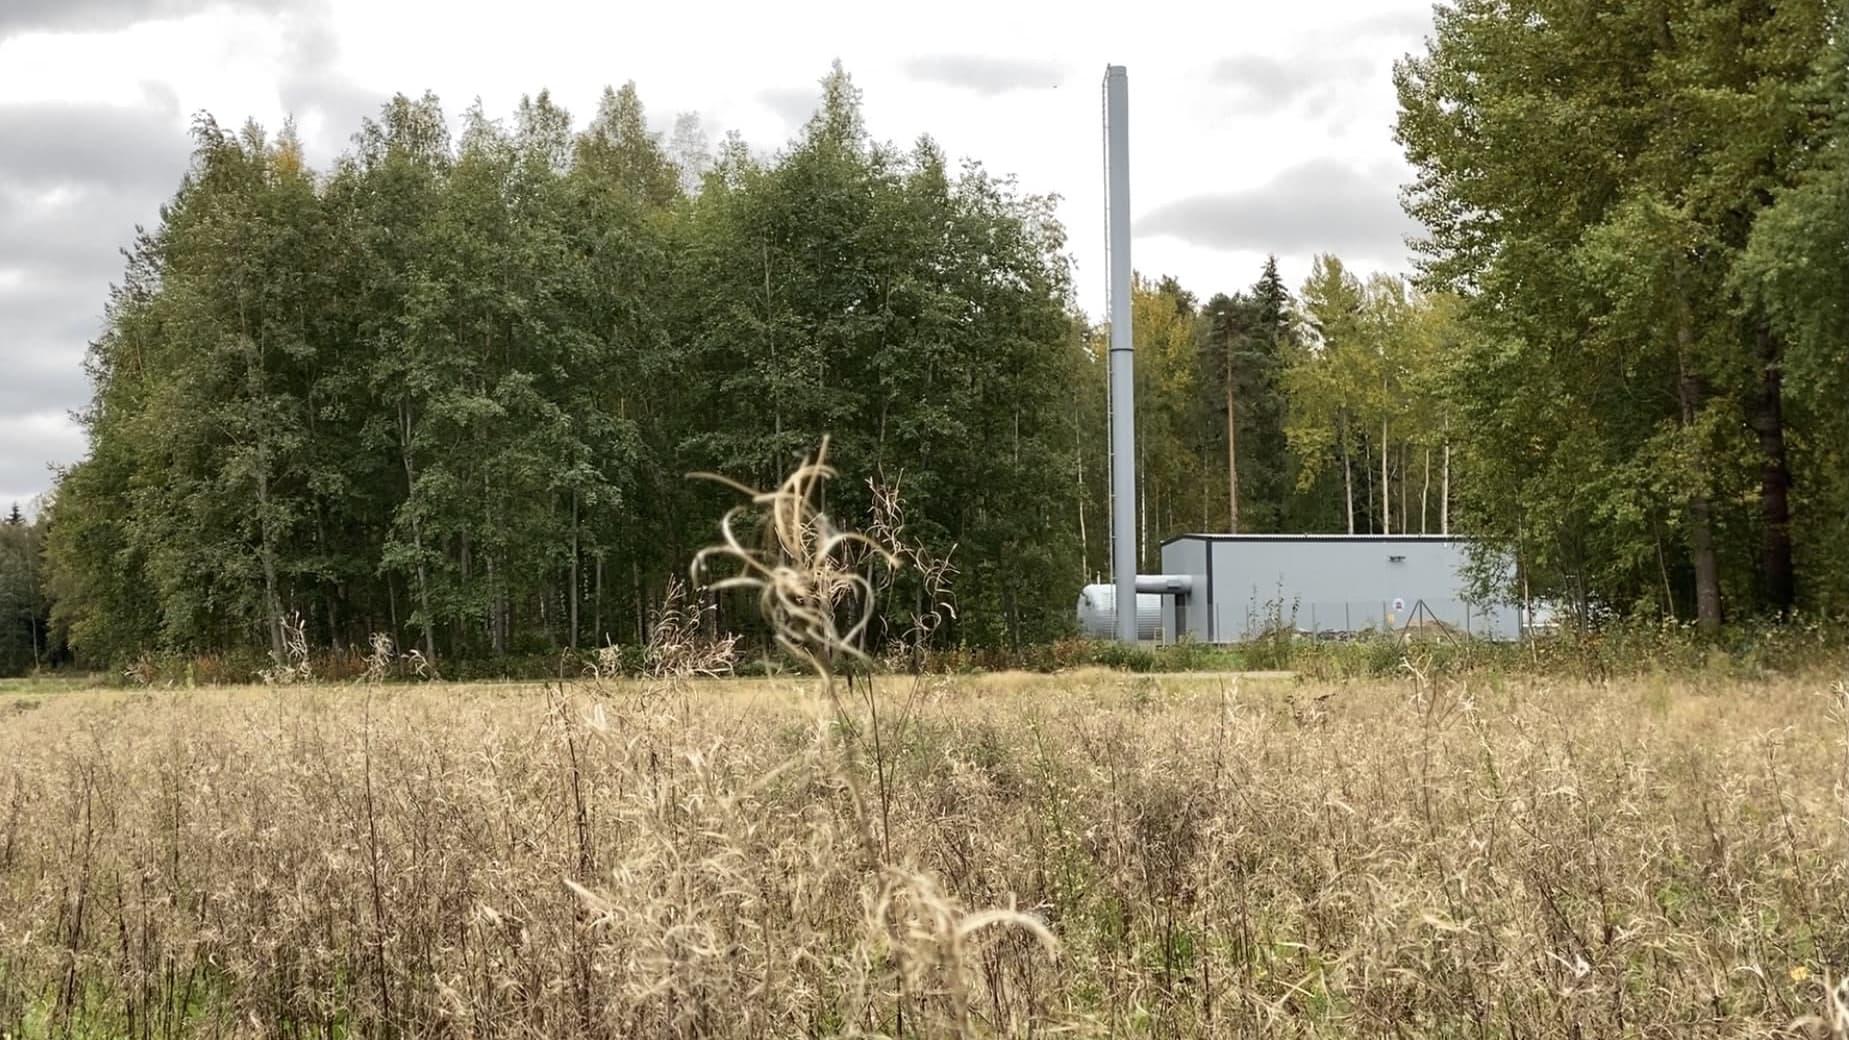 Pieni varalämpövoimala. Edessä niittyä, voimalan ympärillä metsää.